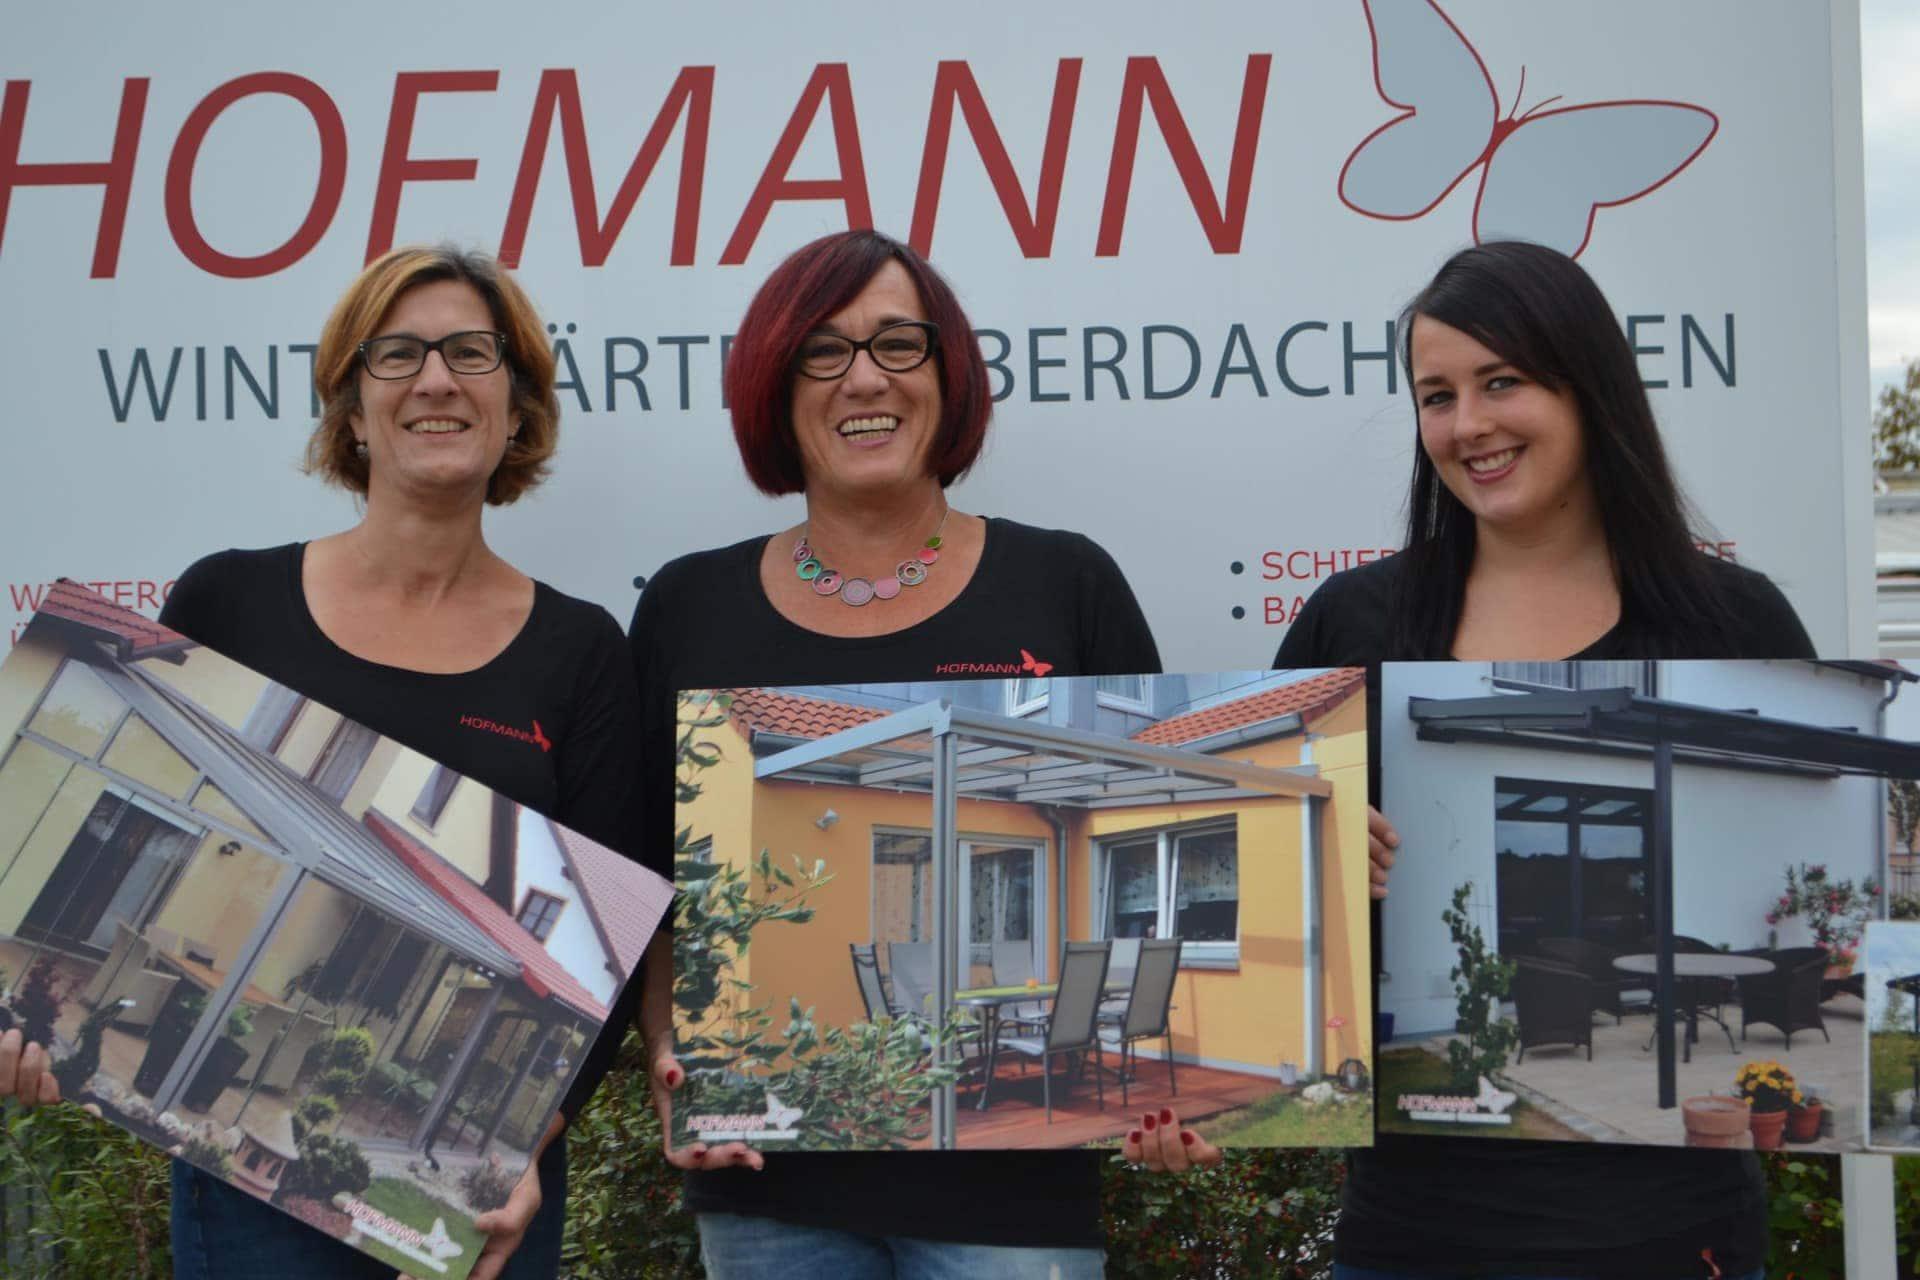 Maßgeschneiderten Wintergärten und Überdachungen Die Sonne geschützt genießen mit der Expertise von Hofmann Überdachungen in Regensburg